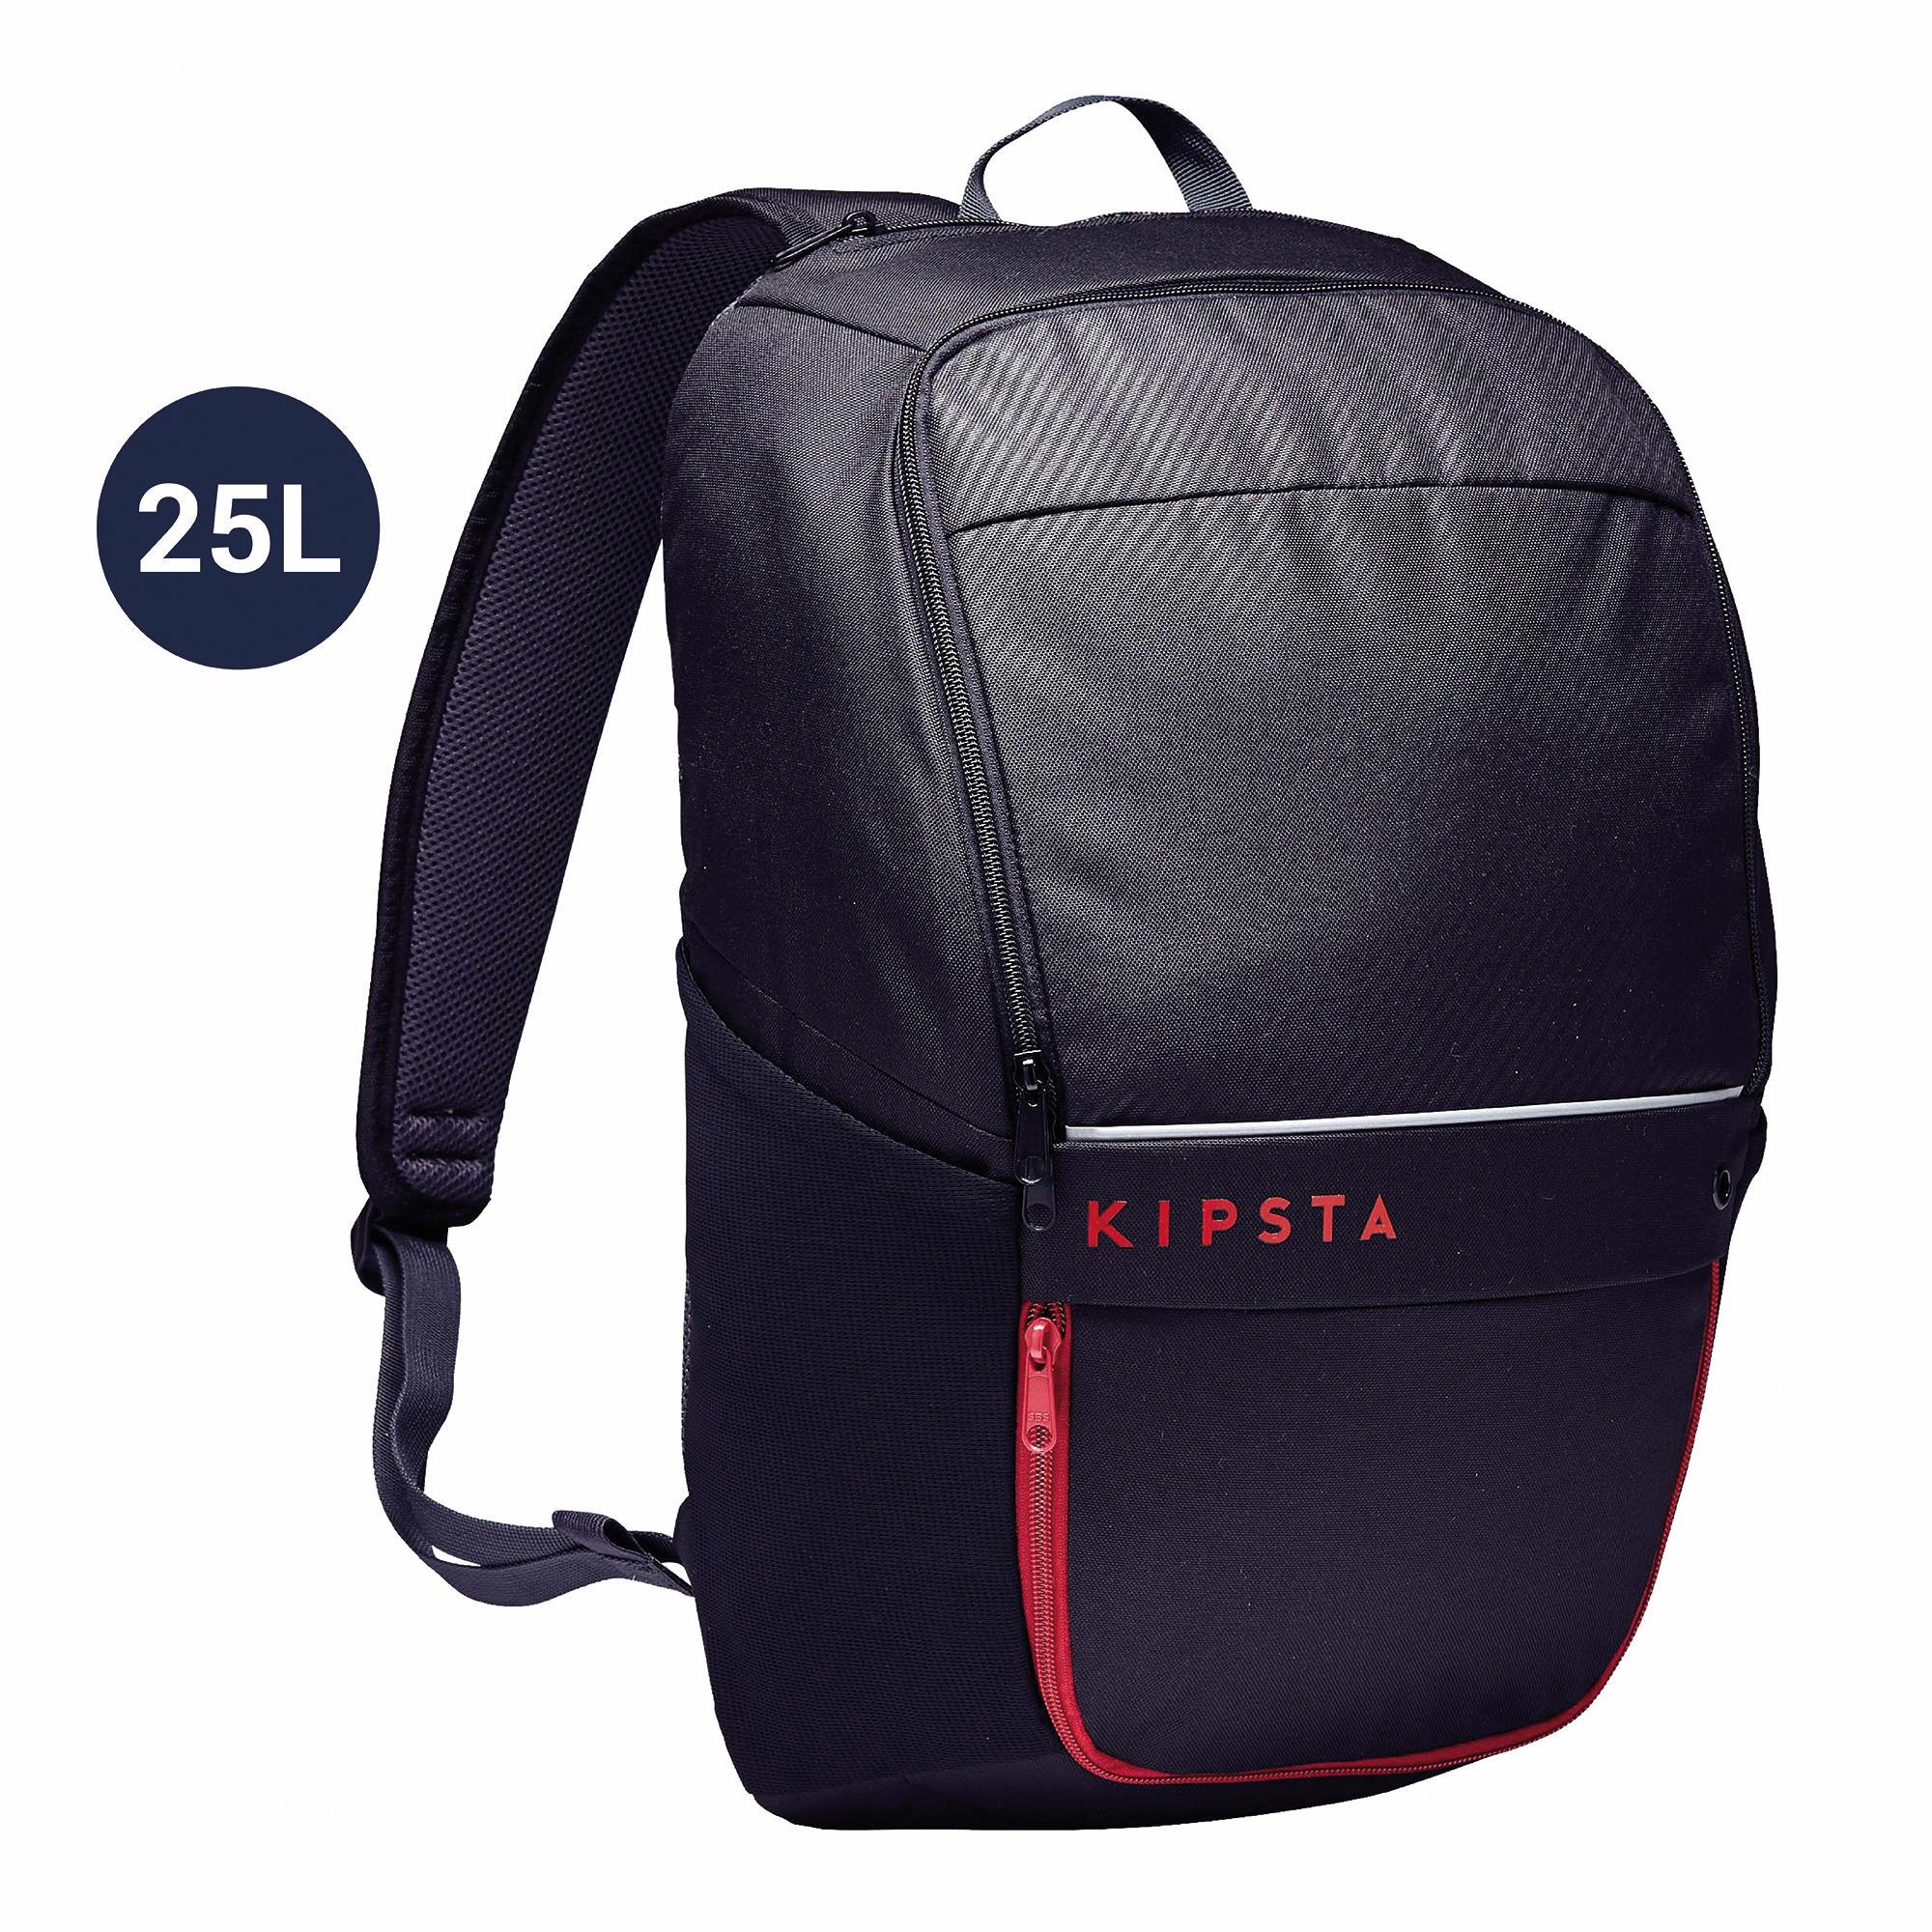 Sporttasche Rucksack Classic 25 Liter schwarz   Taschen > Rucksäcke > Sonstige Rucksäcke   Schwarz - Grau   Kipsta